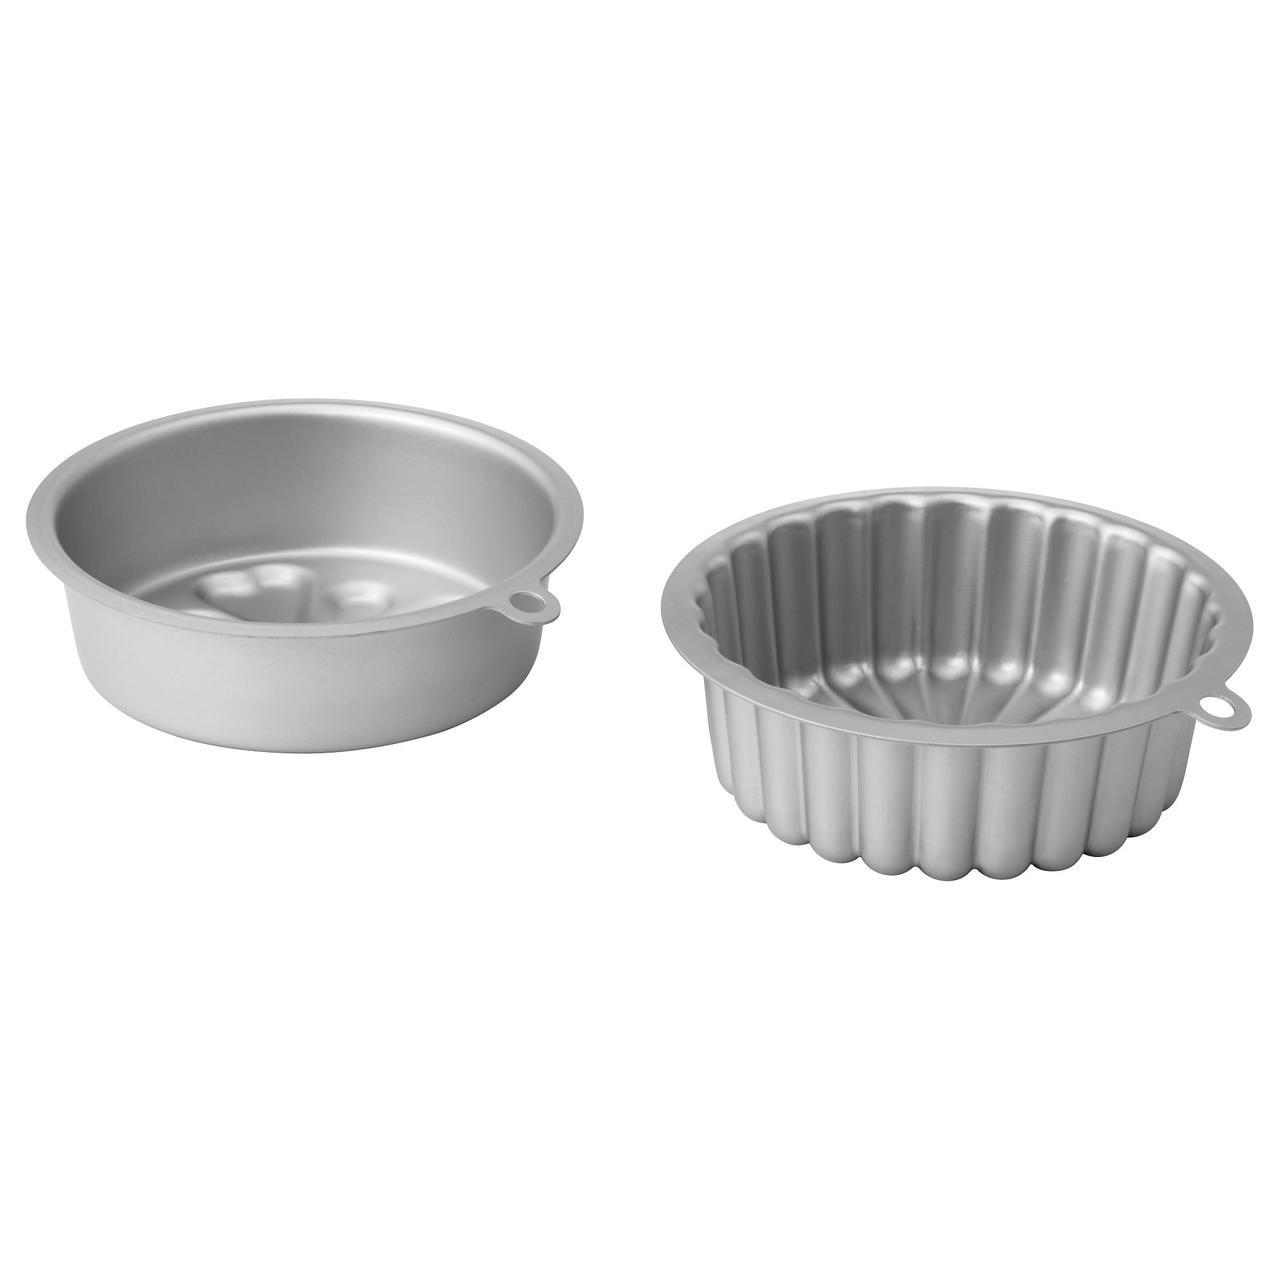 ВАРДАГЕН Форма для выпечки, серебристый